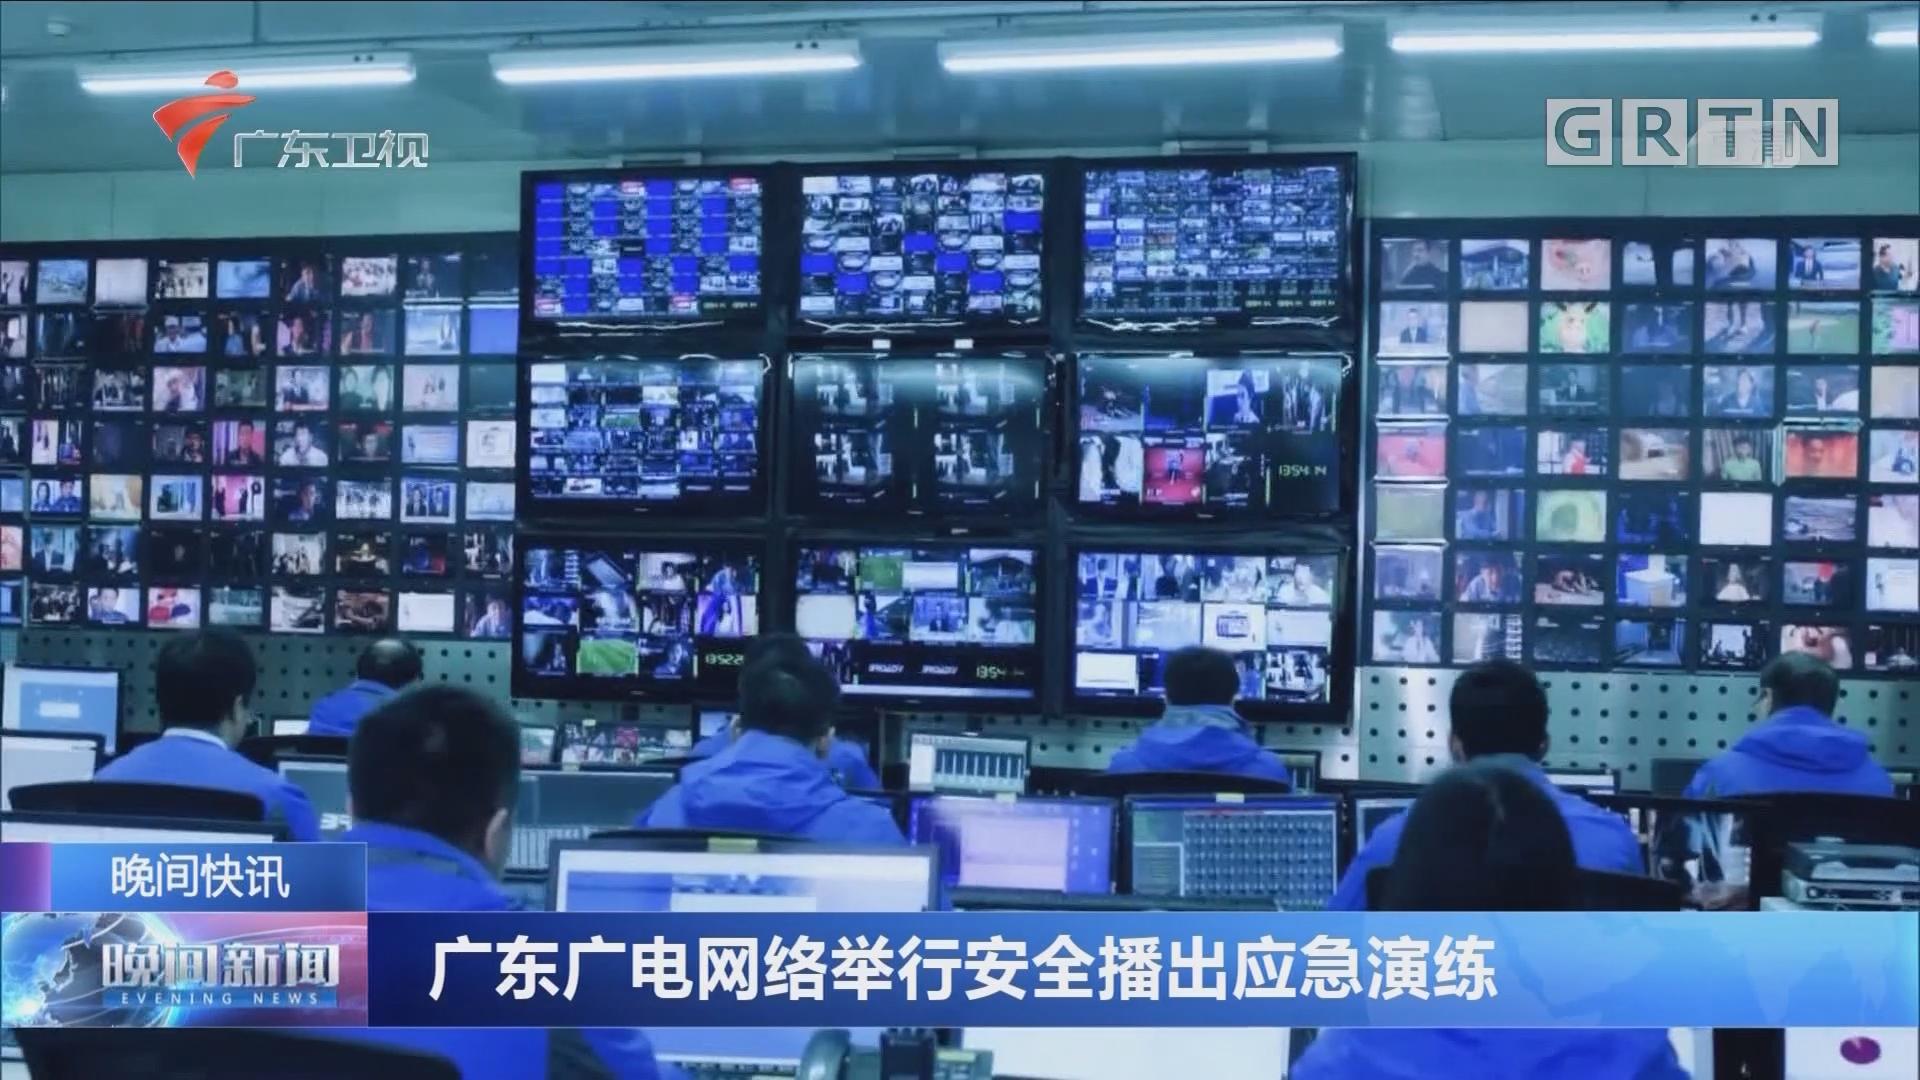 广东广电网络举行安全播出应急演练